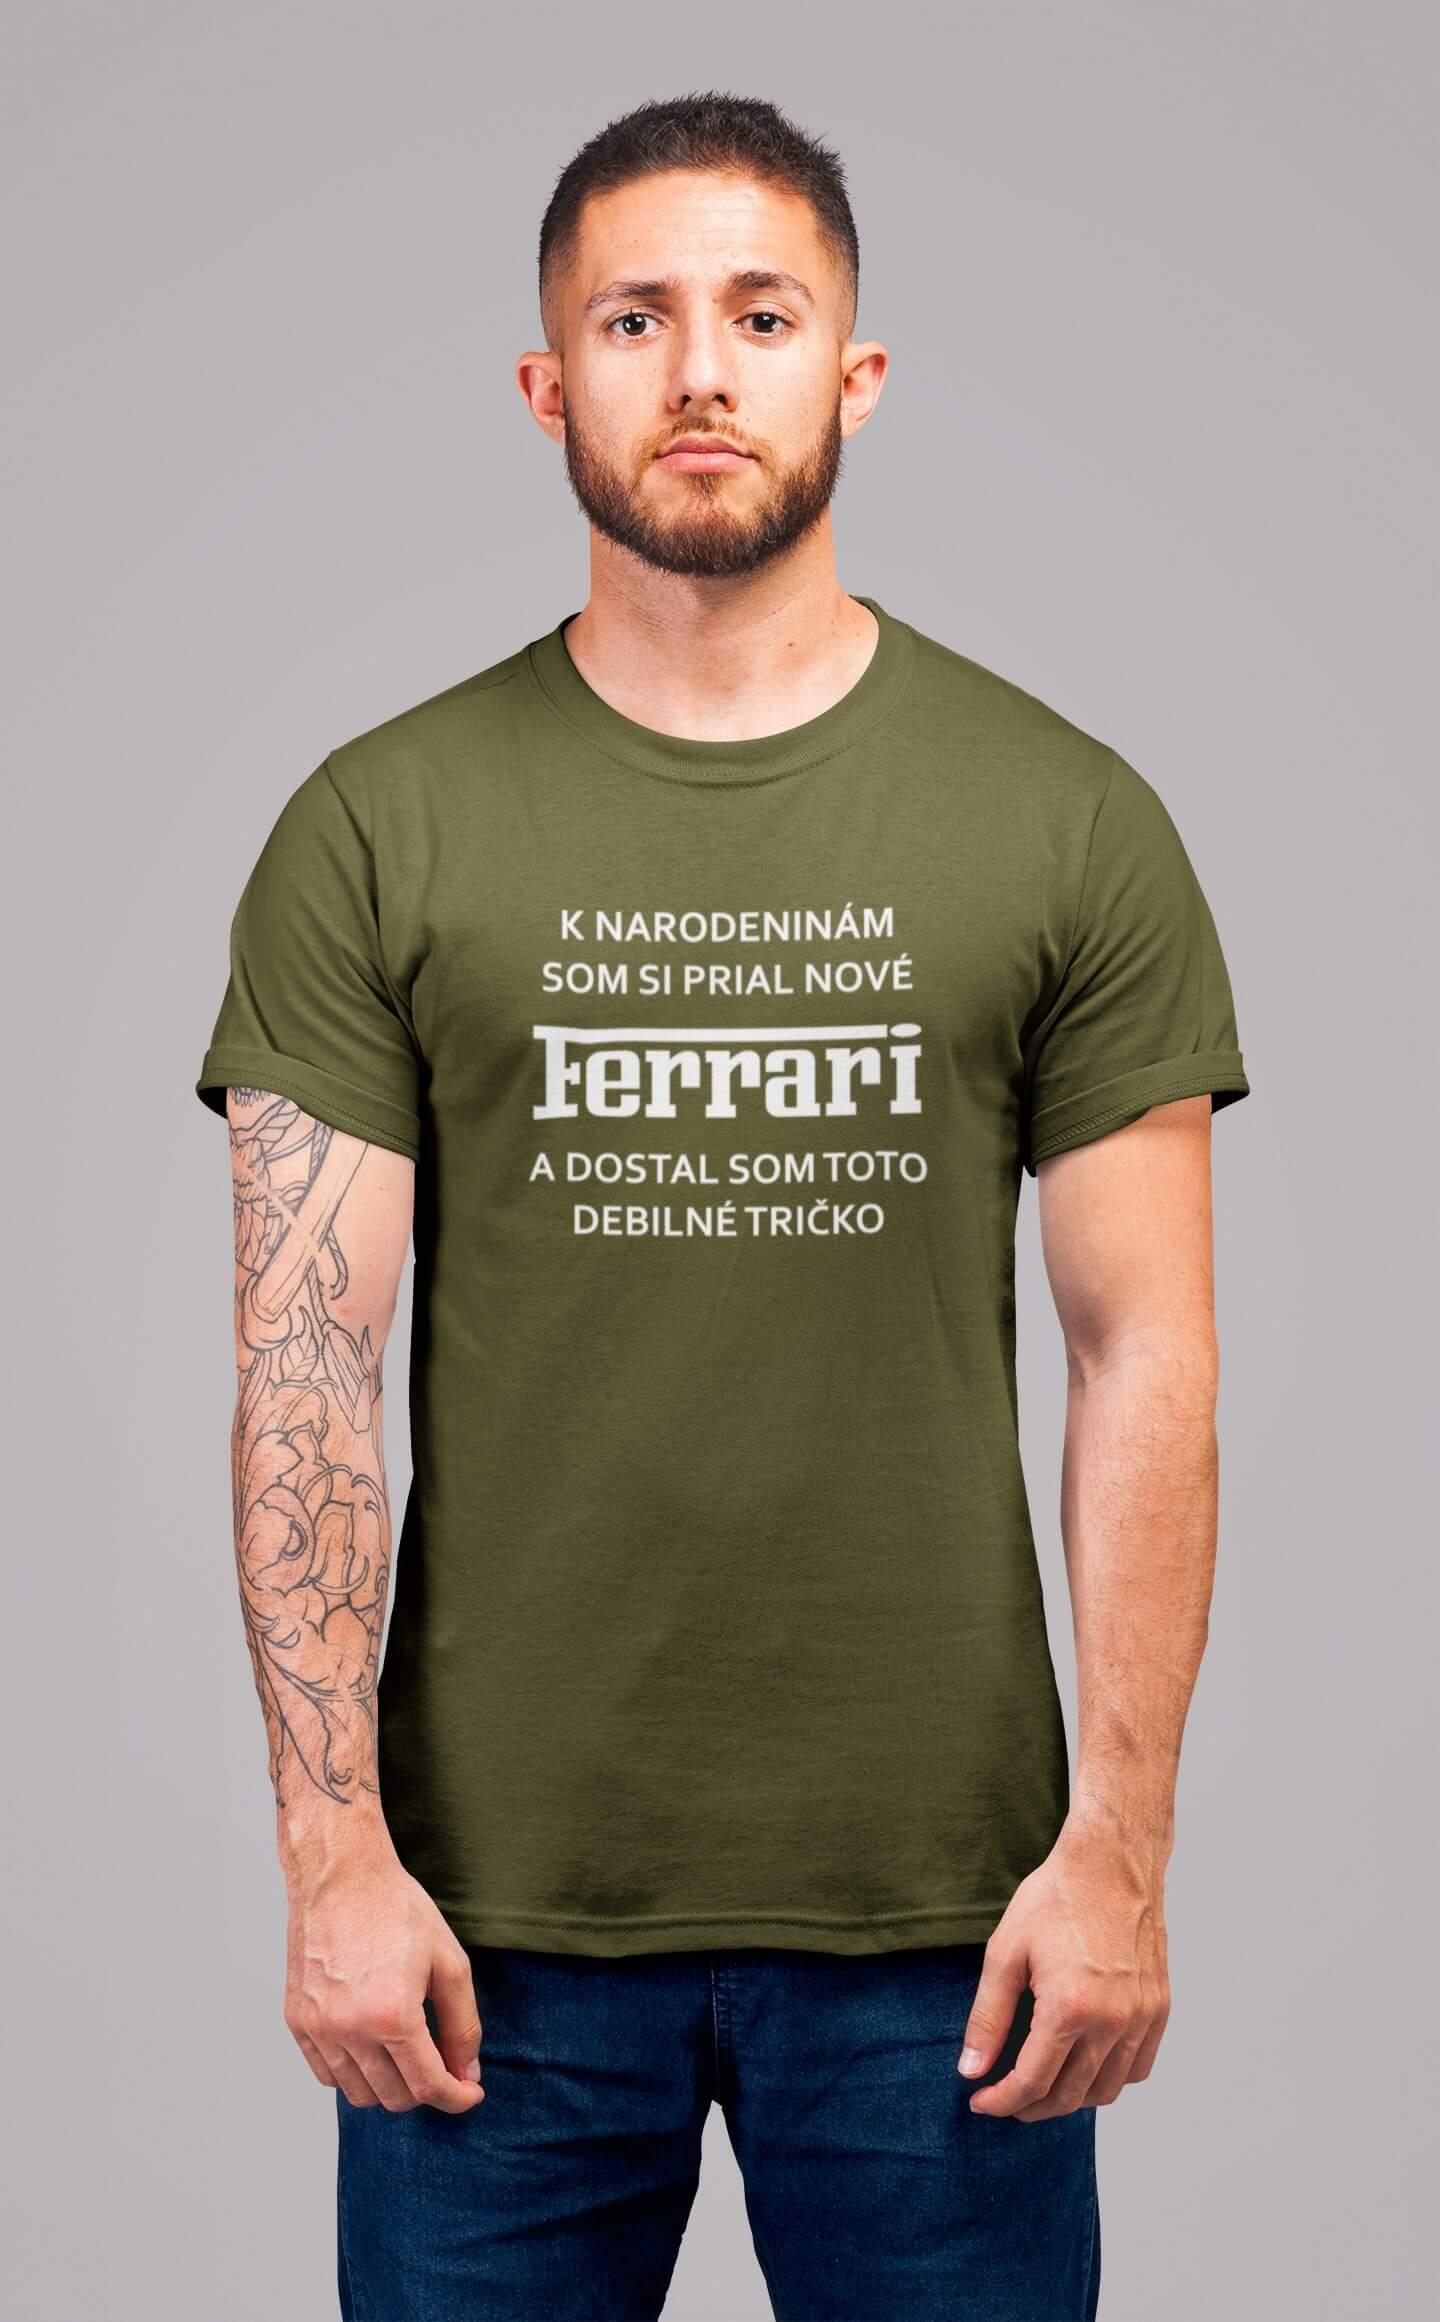 MMO Pánske tričko FERRARI Vyberte farbu: Khaki, Pánska veľkosť: S